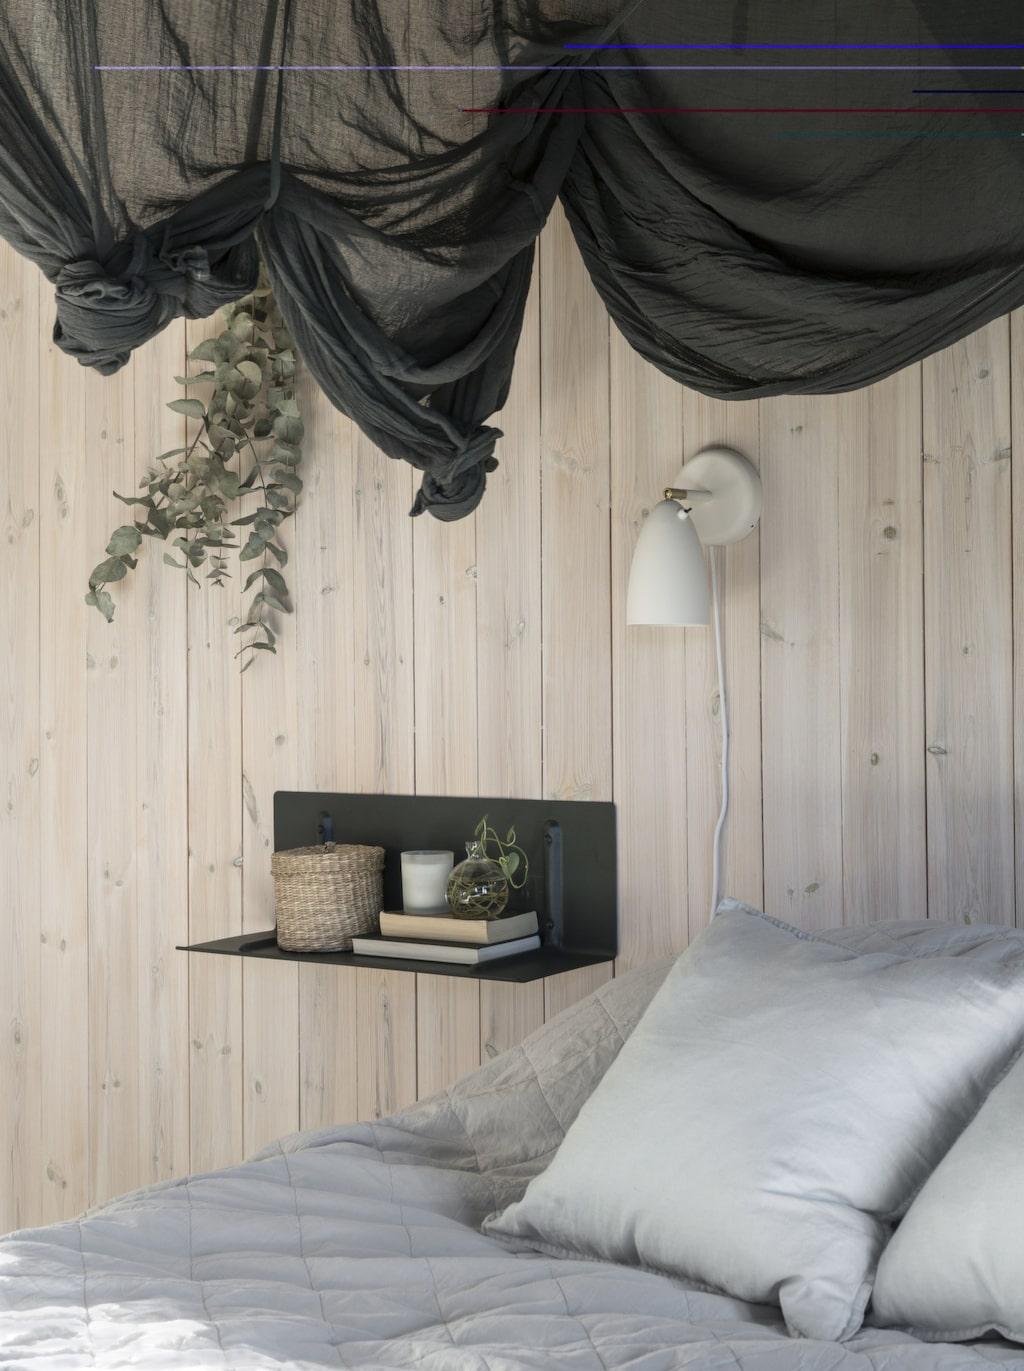 Sänglamporna är från Lampan.se, hyllan är från Hay. Doftljus från Granit. Kuddar från H&M home.